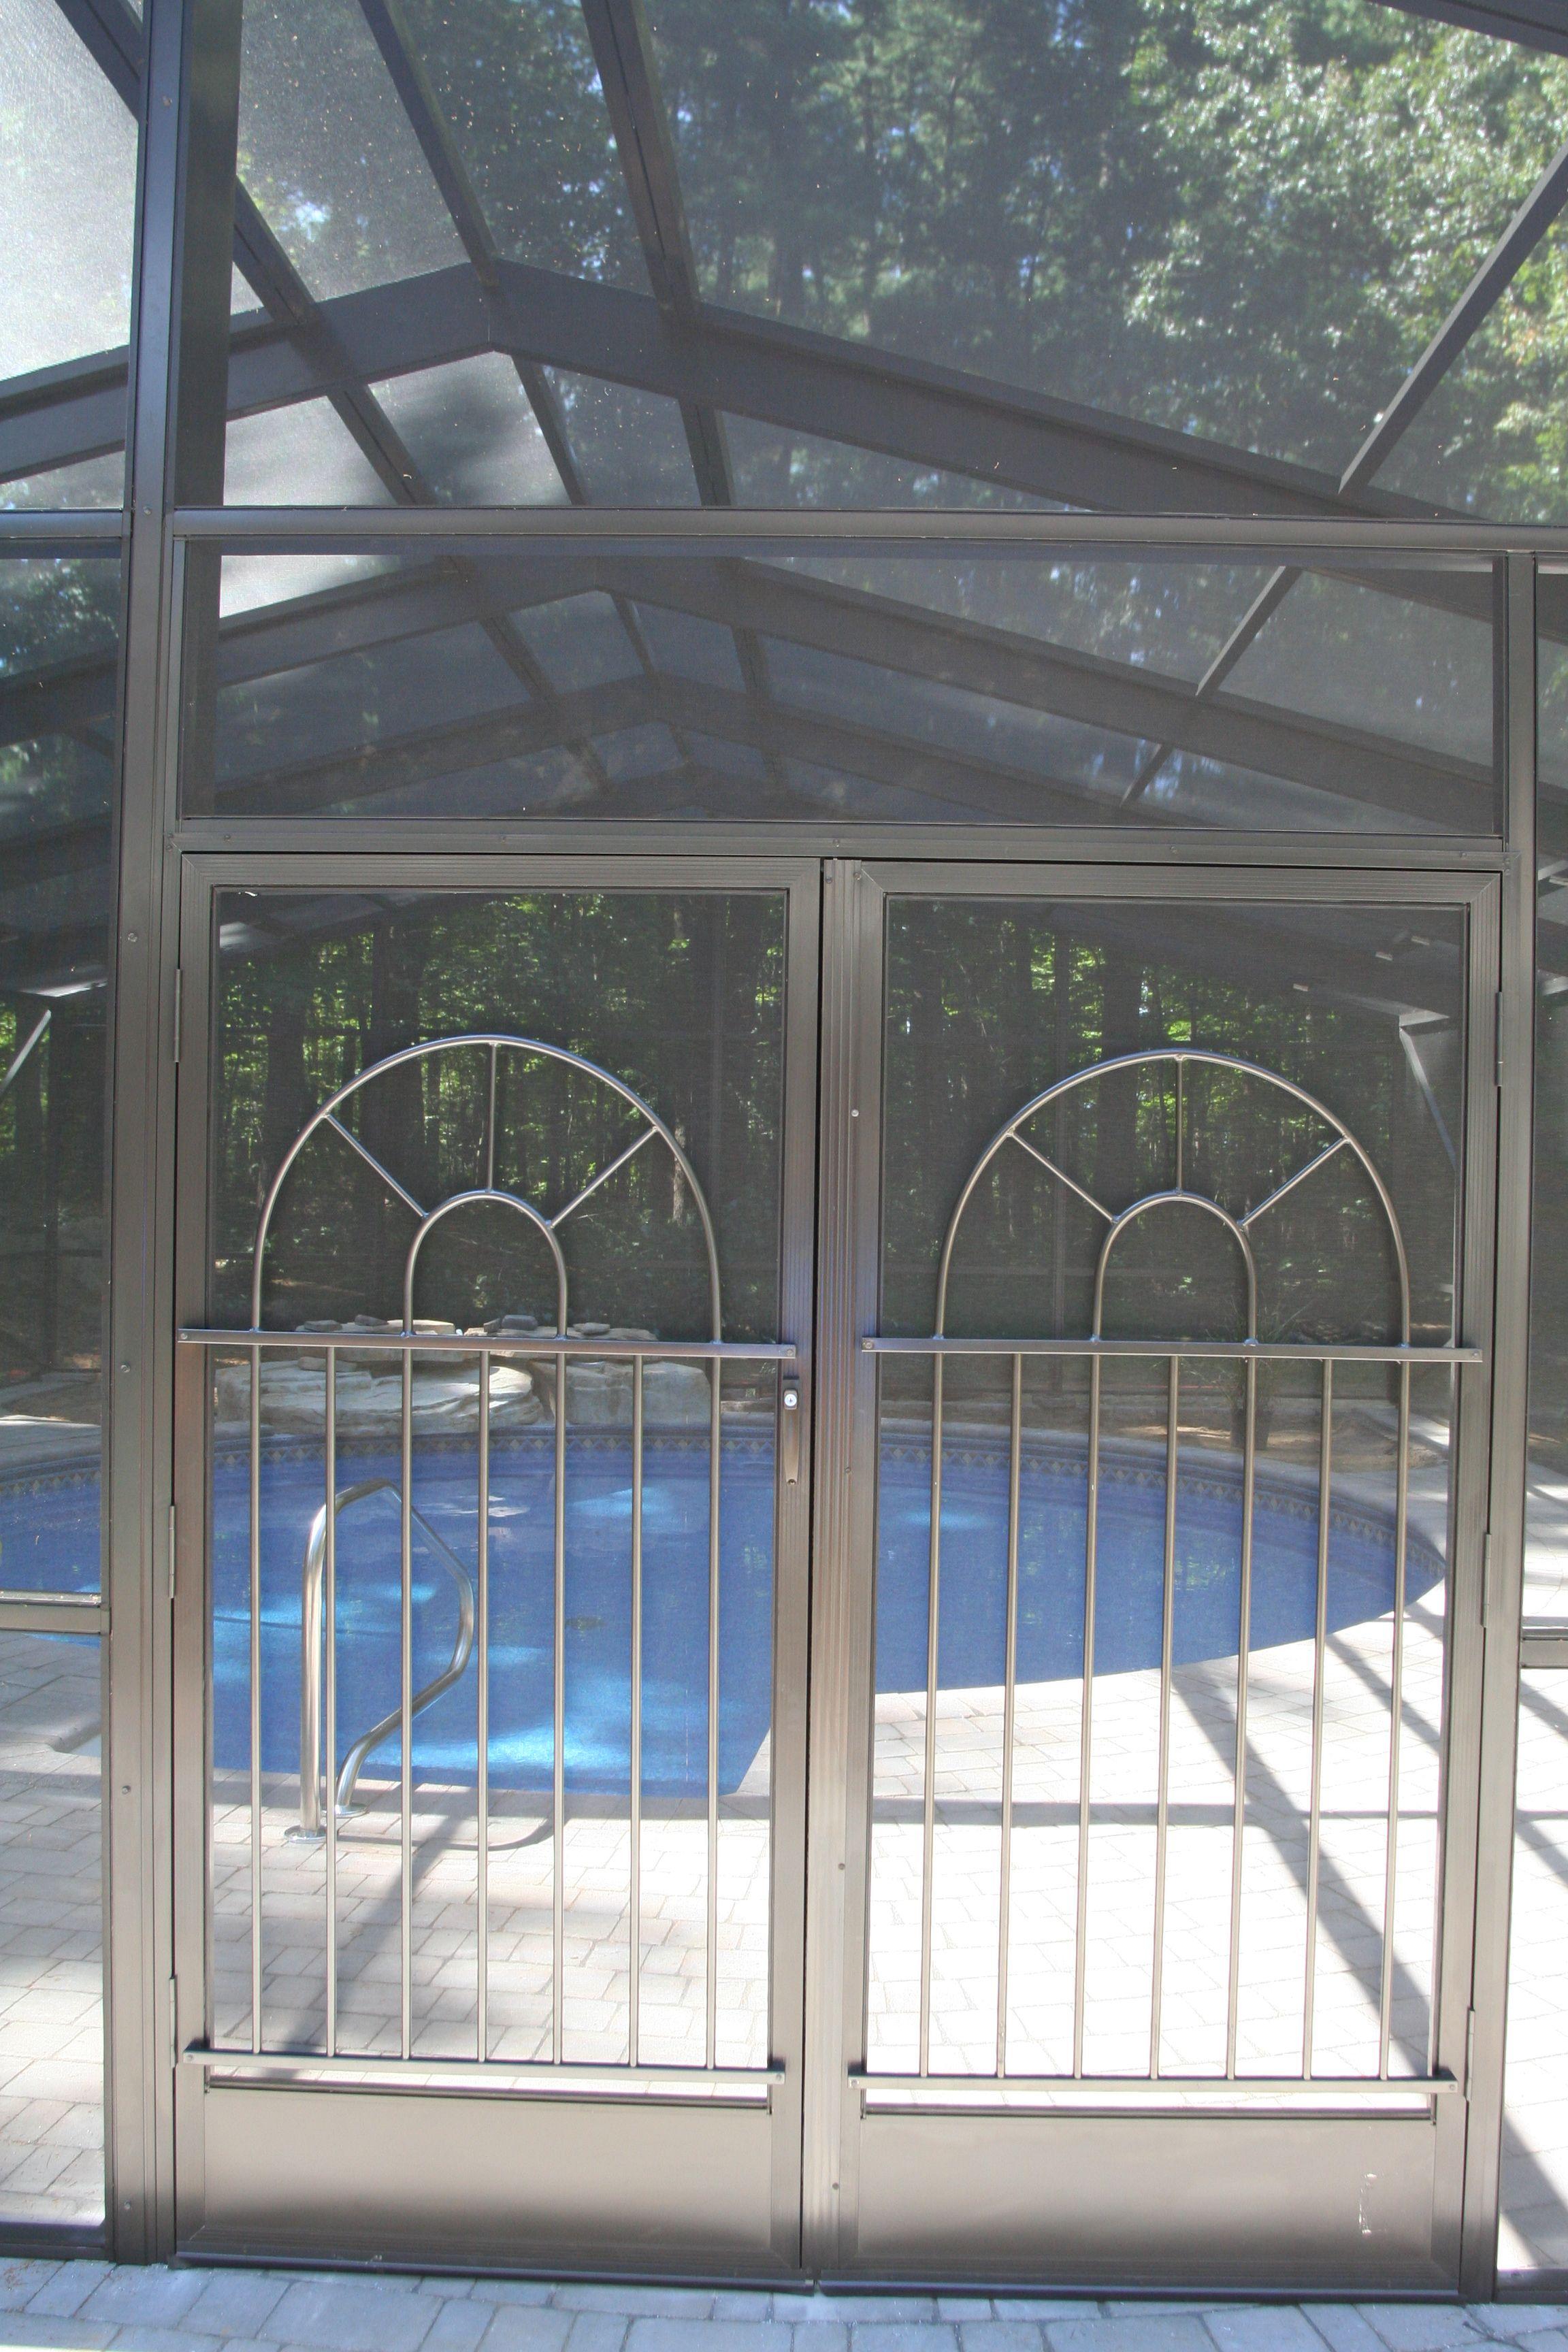 Hemingway style screen door grilles installed on double